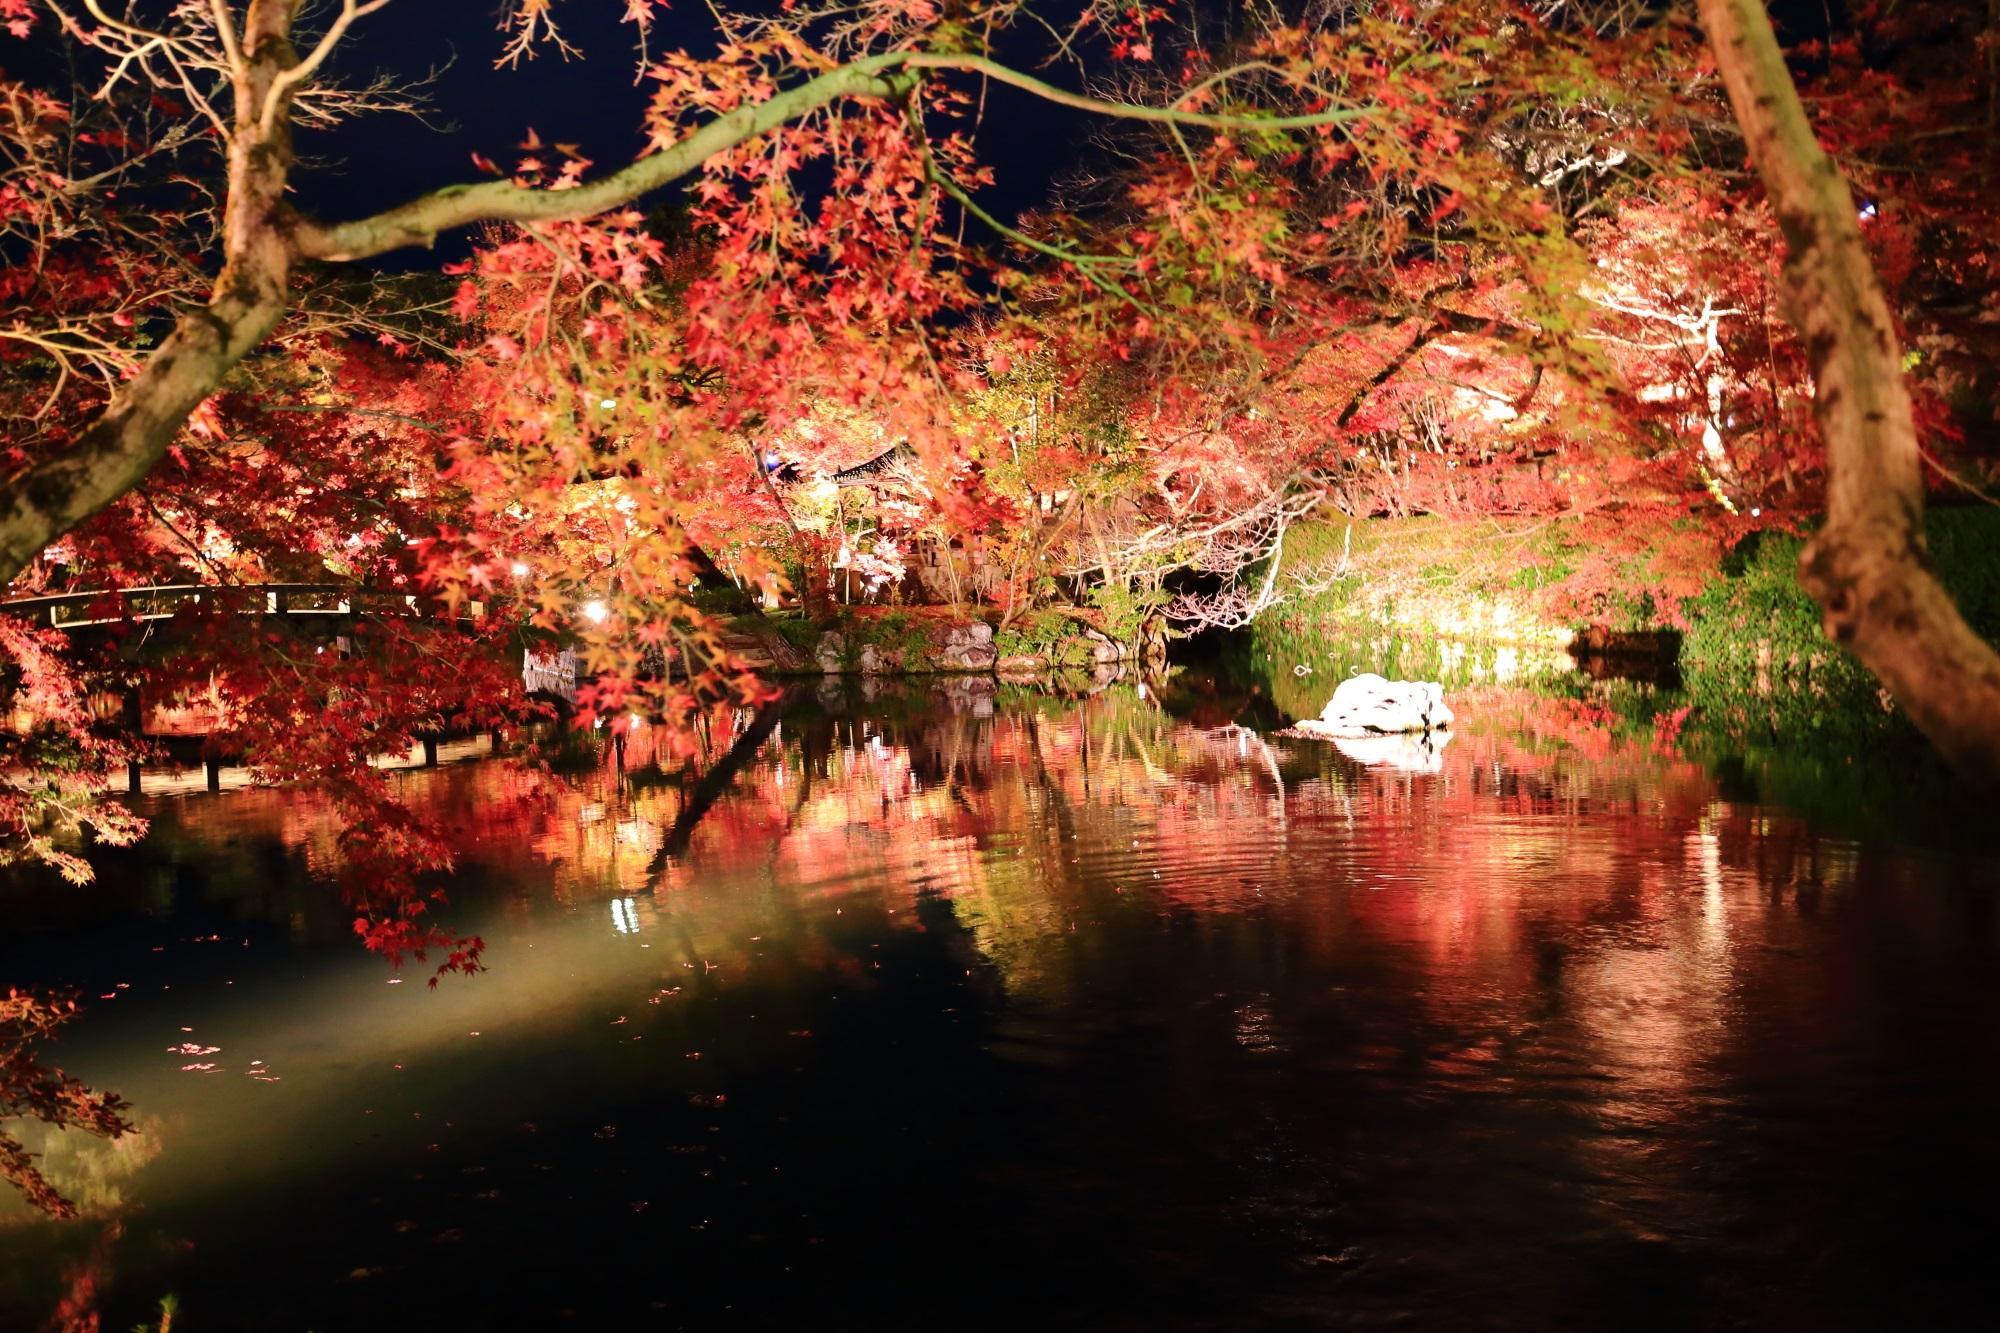 もみじの名所の永観堂の放生池の紅葉と水鏡